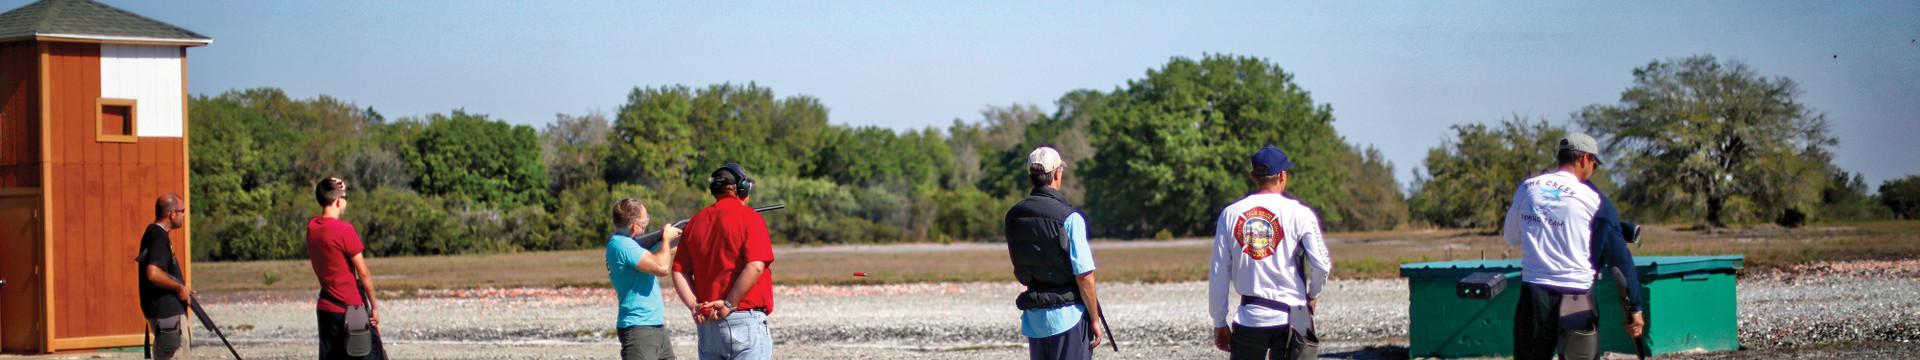 Skeet Shooting near Orlando, FL | Trap & Skeet Range